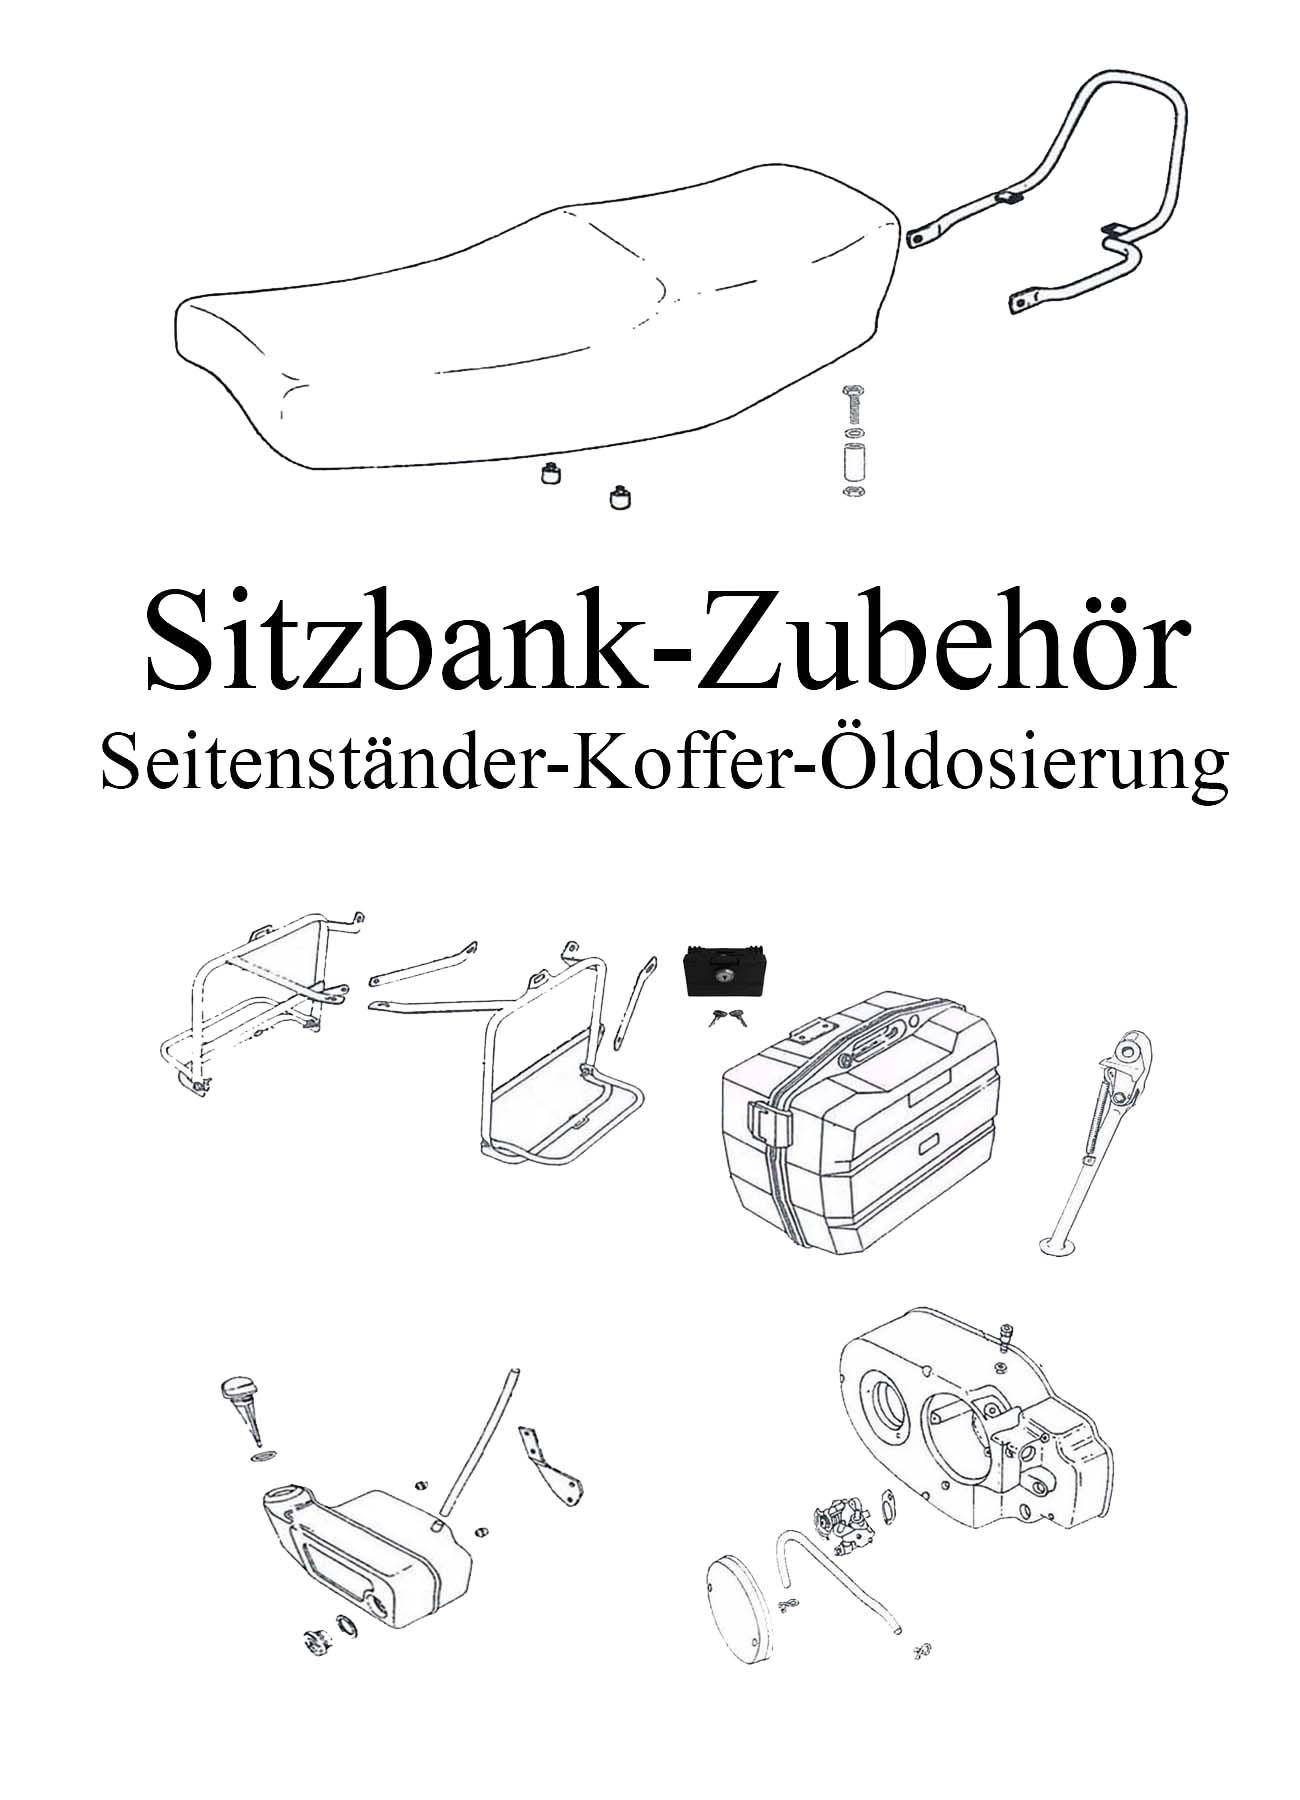 DDR-Motorrad MZ ETZ 251 Ersatzteileliste Sitzbank Zubehör Seitengepäckträger Koffer Schloß Ständer Haltebügel Kralle Pneumant Öldosierung Getrenntschmierung Pumpe